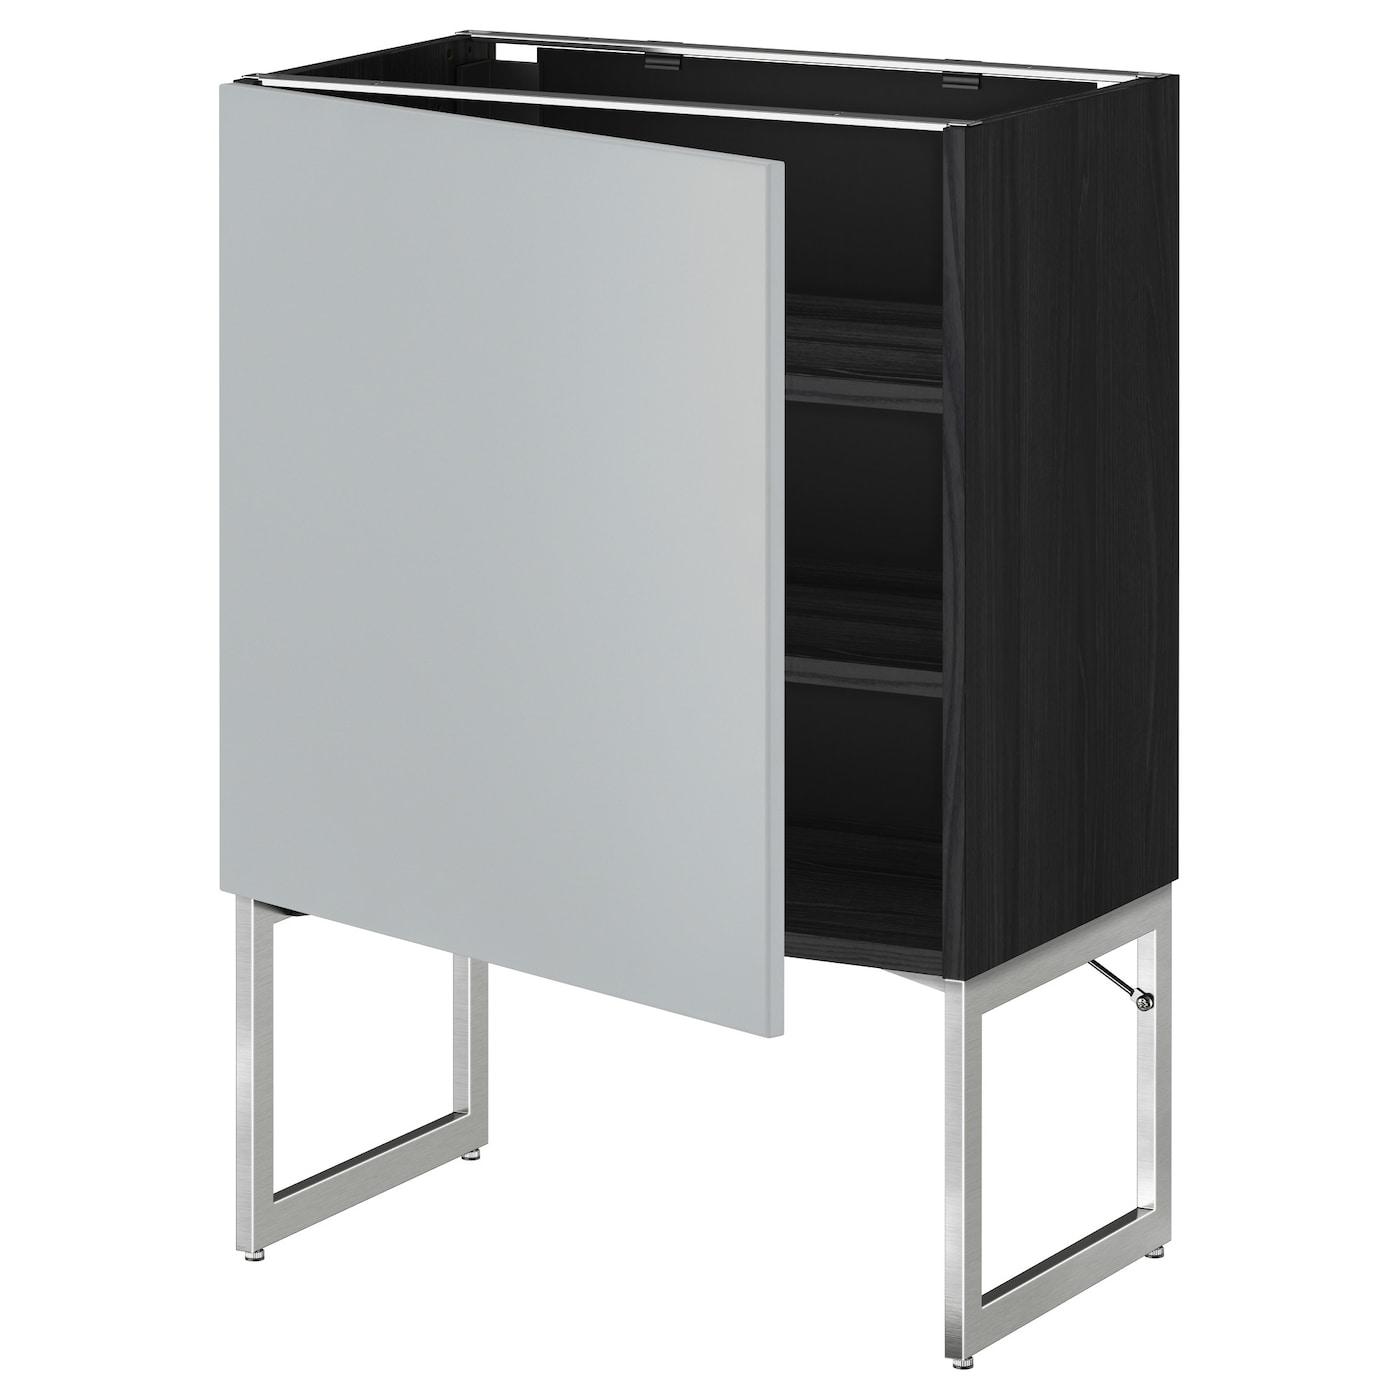 Metod base cabinet with shelves black veddinge grey for Black kitchen base cabinets